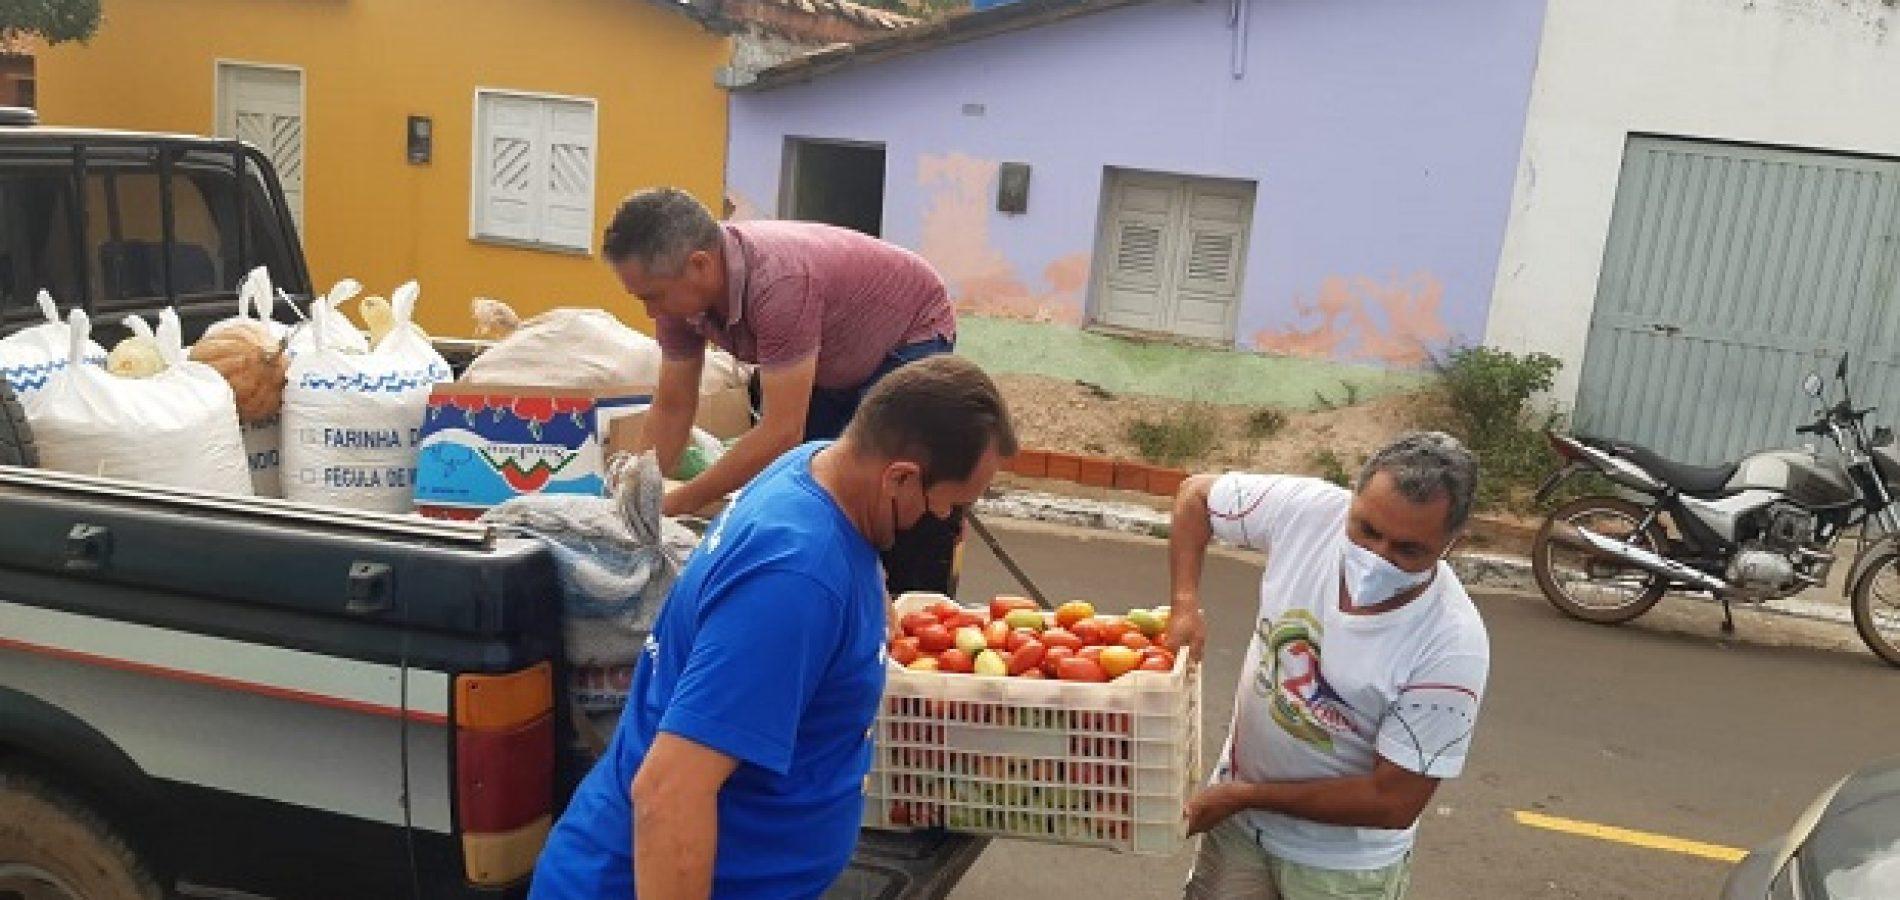 Mais de 100 kits de alimentos serão distribuídos para famílias em Santana do Piauí